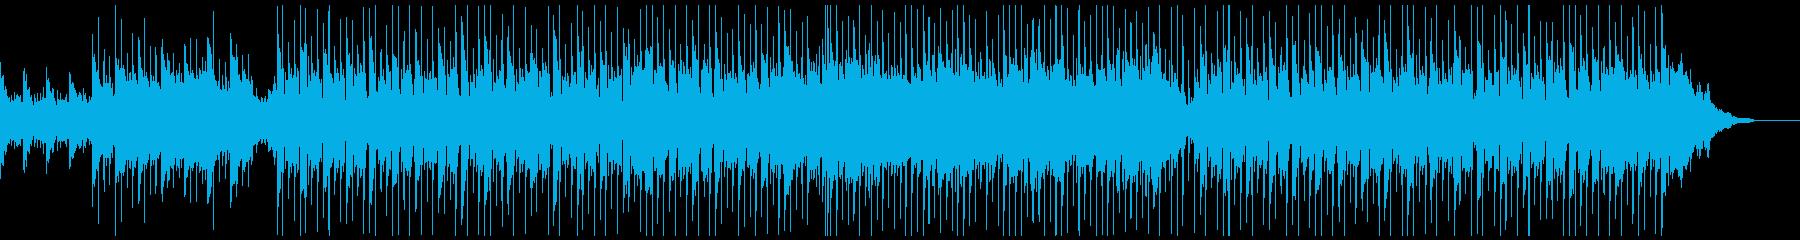 企業VP、ピアノ、4つ打ち、No.5-4の再生済みの波形